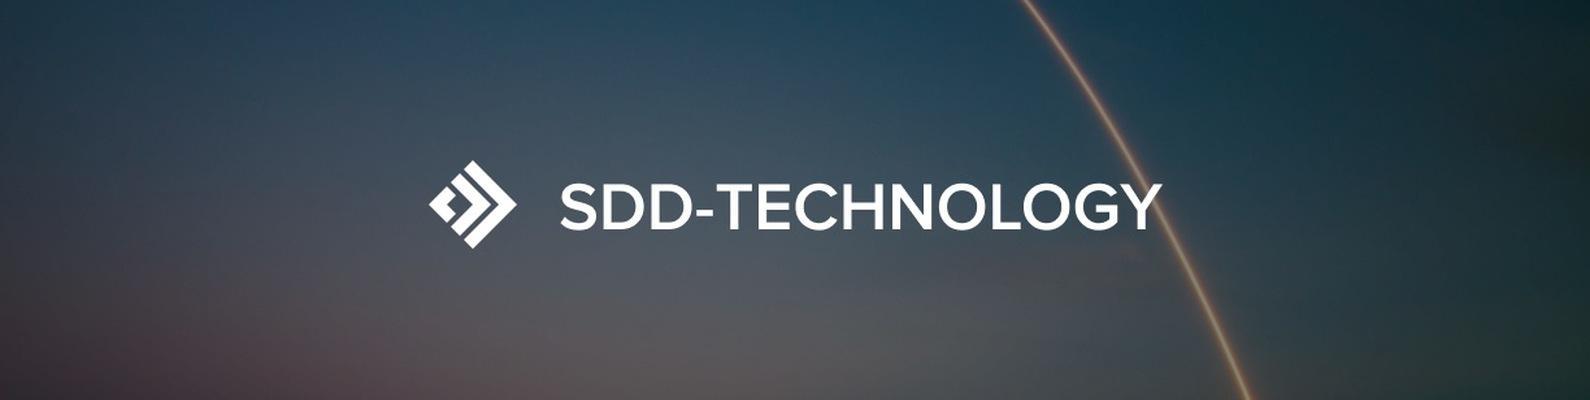 SDD-TECHNOLOGY